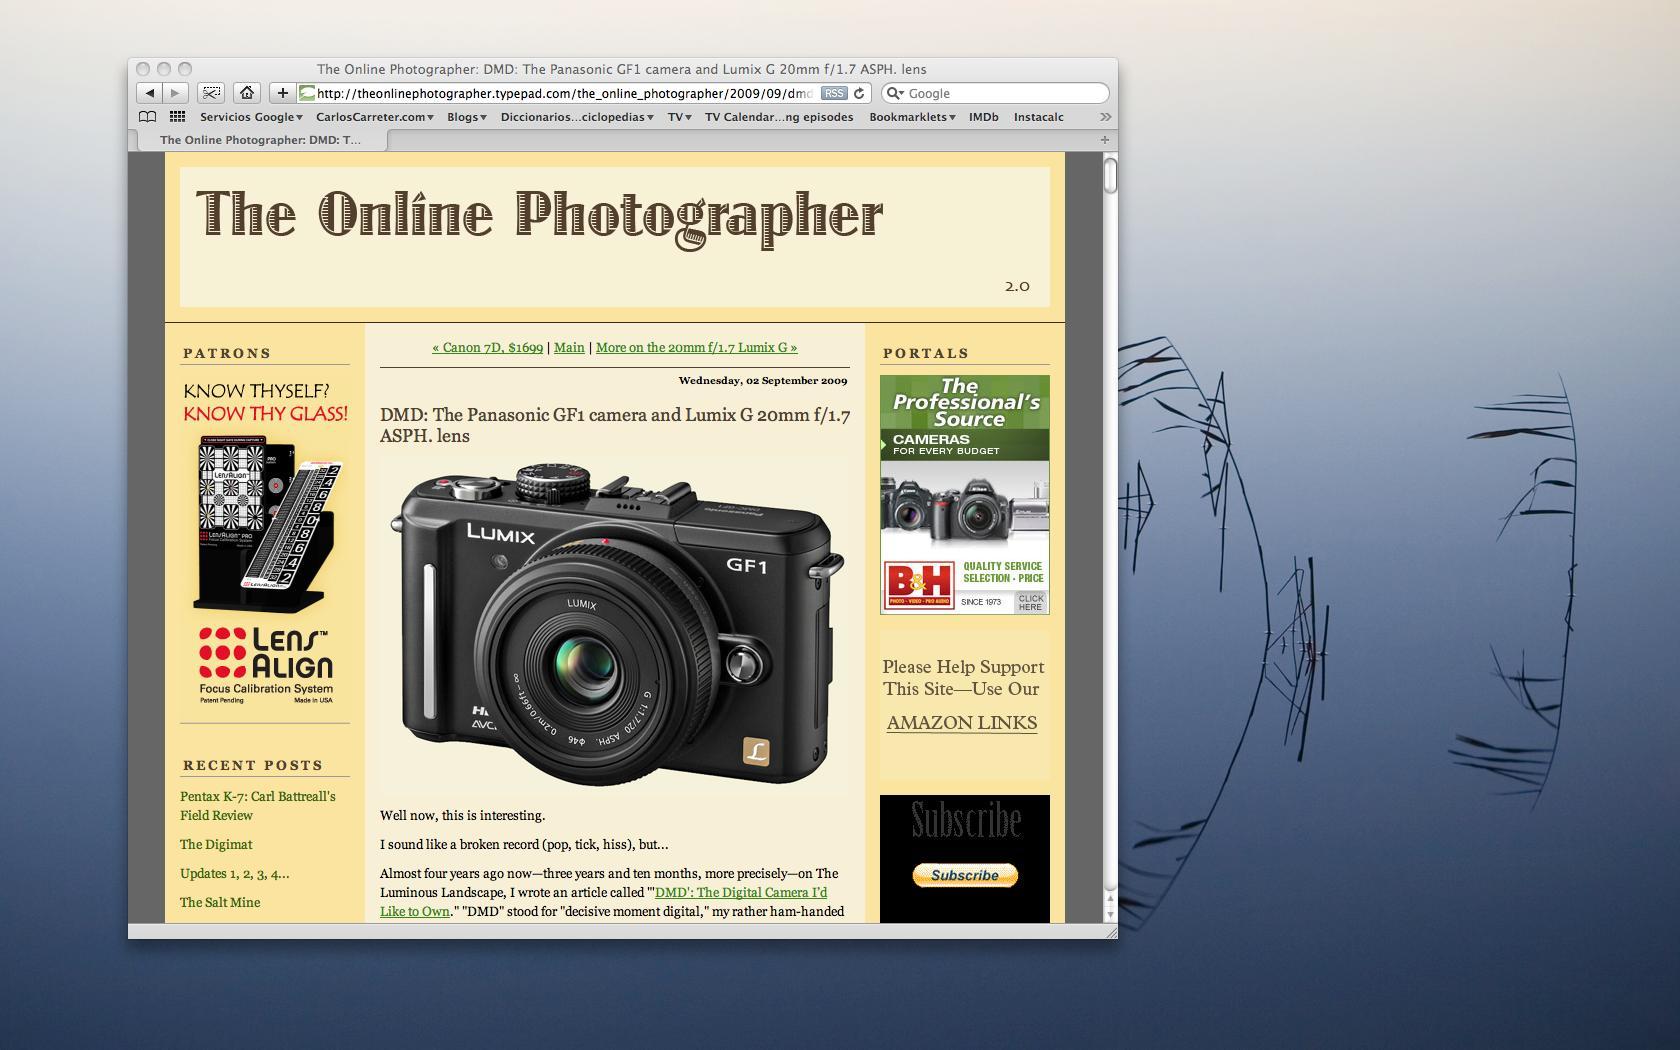 Captura de pantalla 2009-09-05 a las 08.42.56 (2)